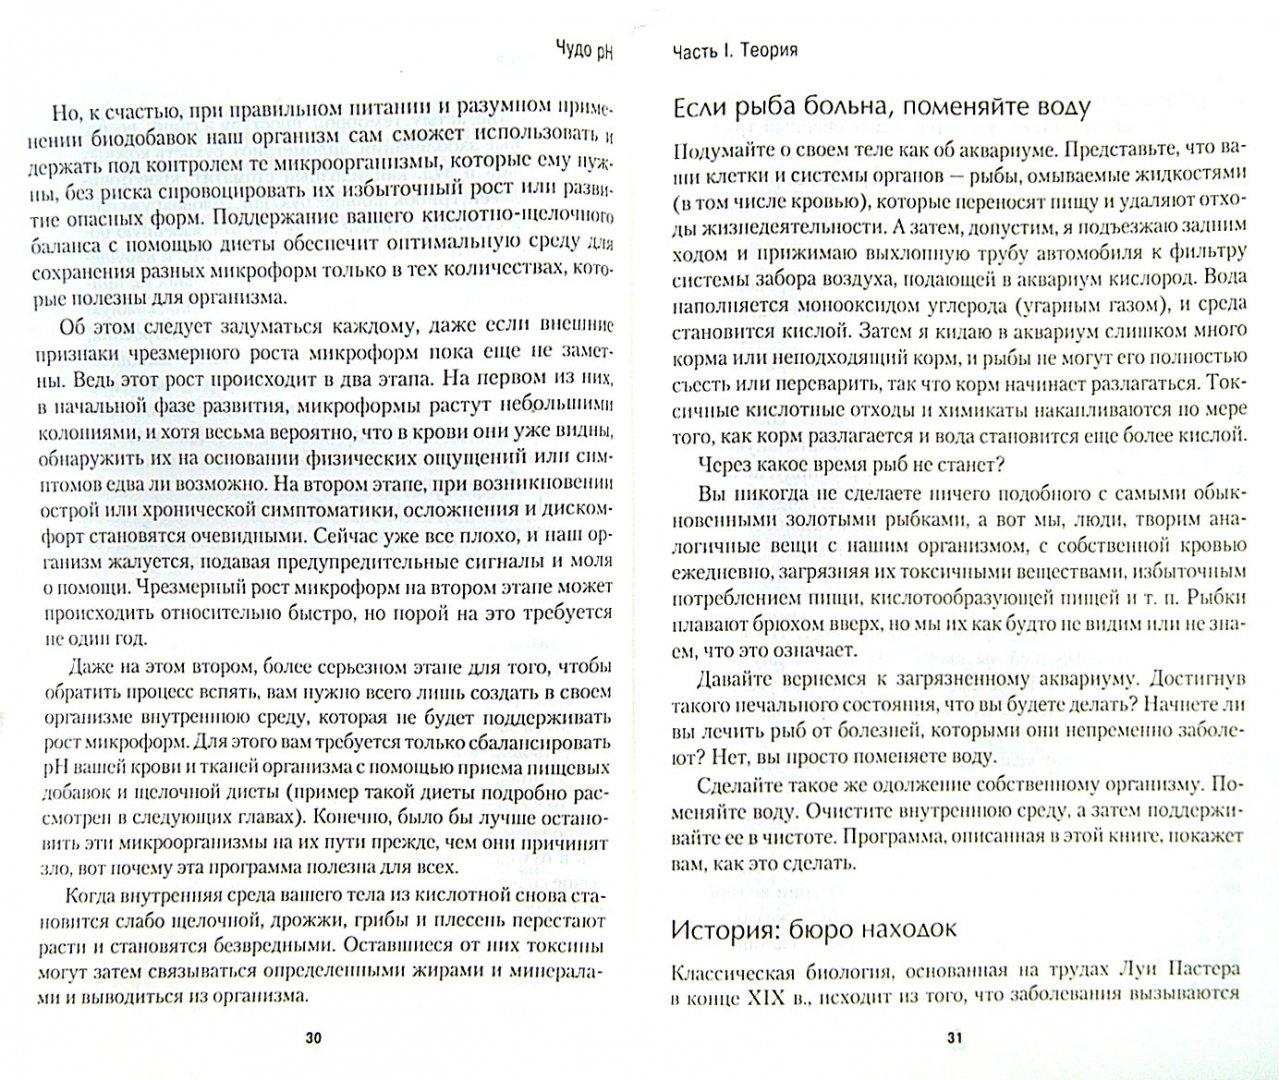 Иллюстрация 1 из 5 для Чудо рH. Щелочная диета - новая биология здоровья - Роберт Янг | Лабиринт - книги. Источник: Лабиринт